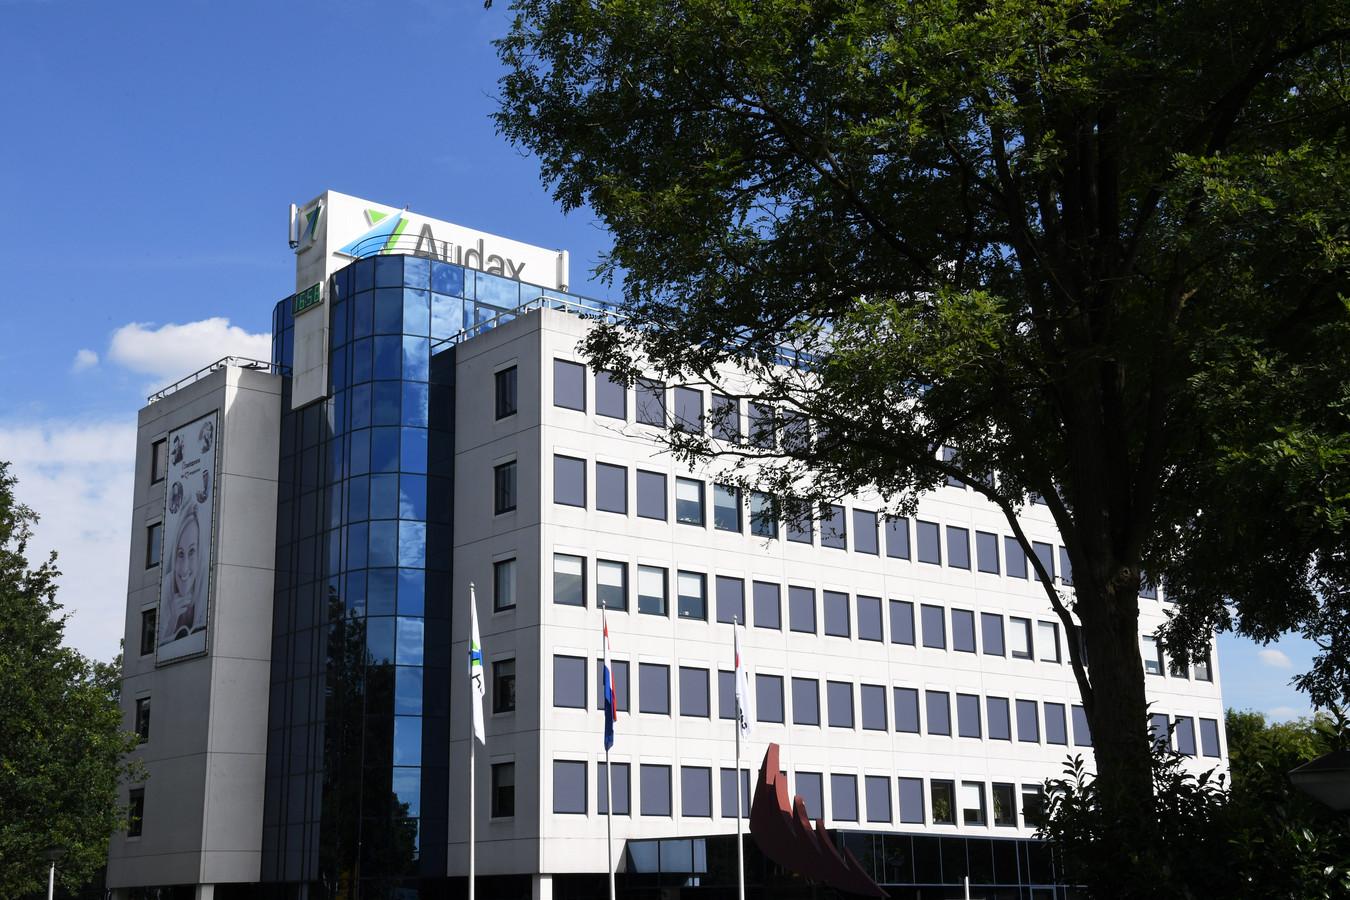 Het Audaxpand in Gilze is wat Baarle-Nassau betreft niet geschikt voor de ABG-huisvesting.